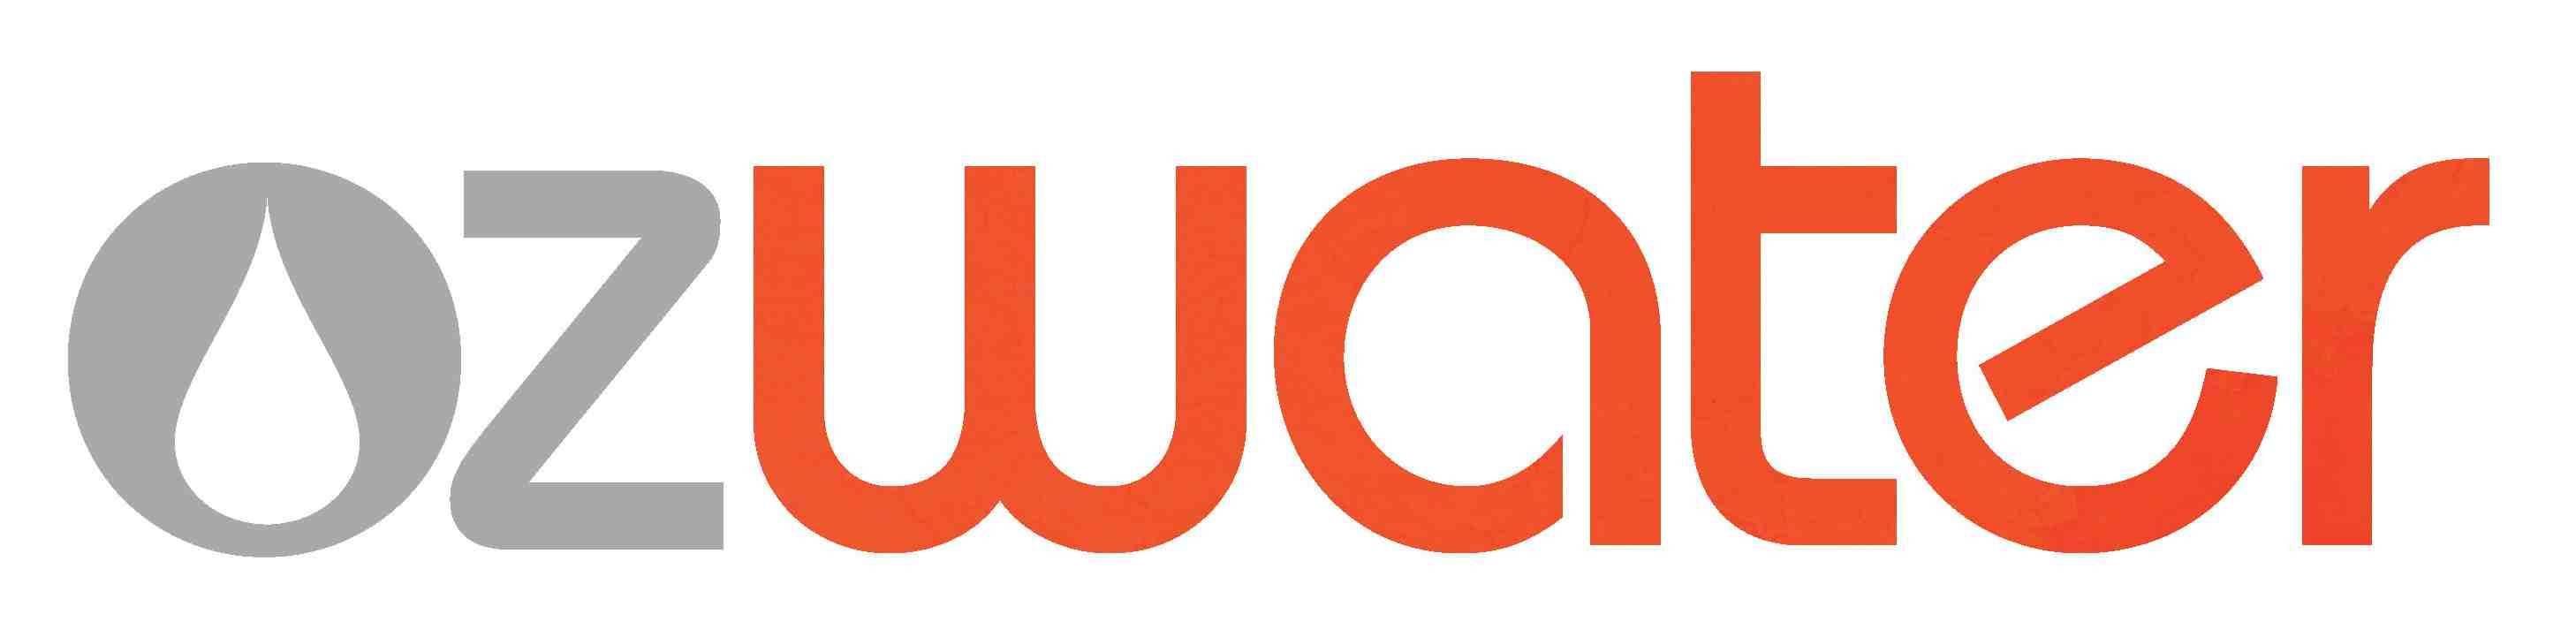 澳大利亚布里斯班国际水资源展览会logo